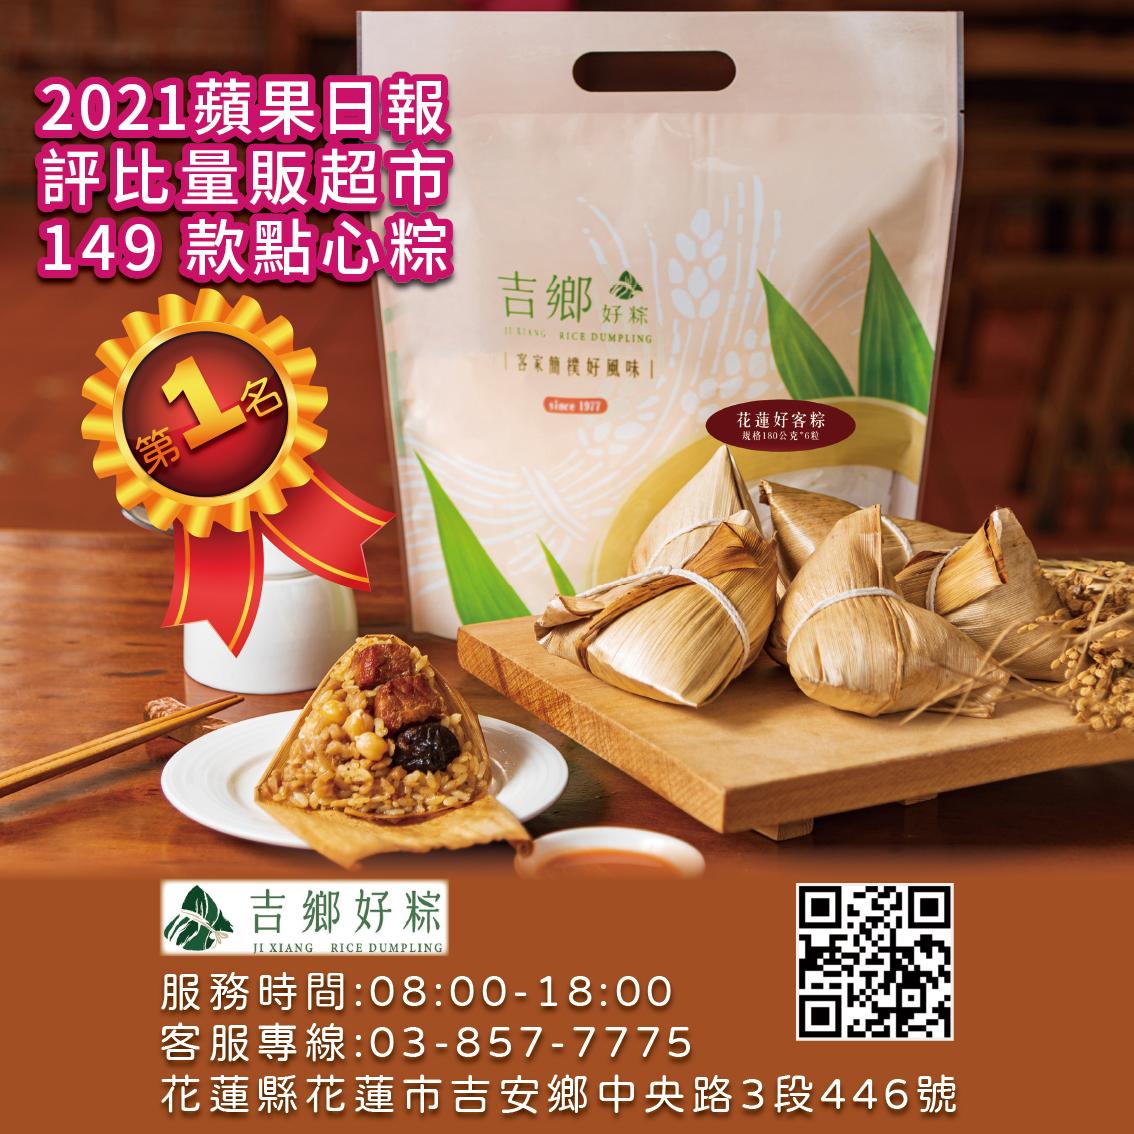 2021吉鄉好粽-R1